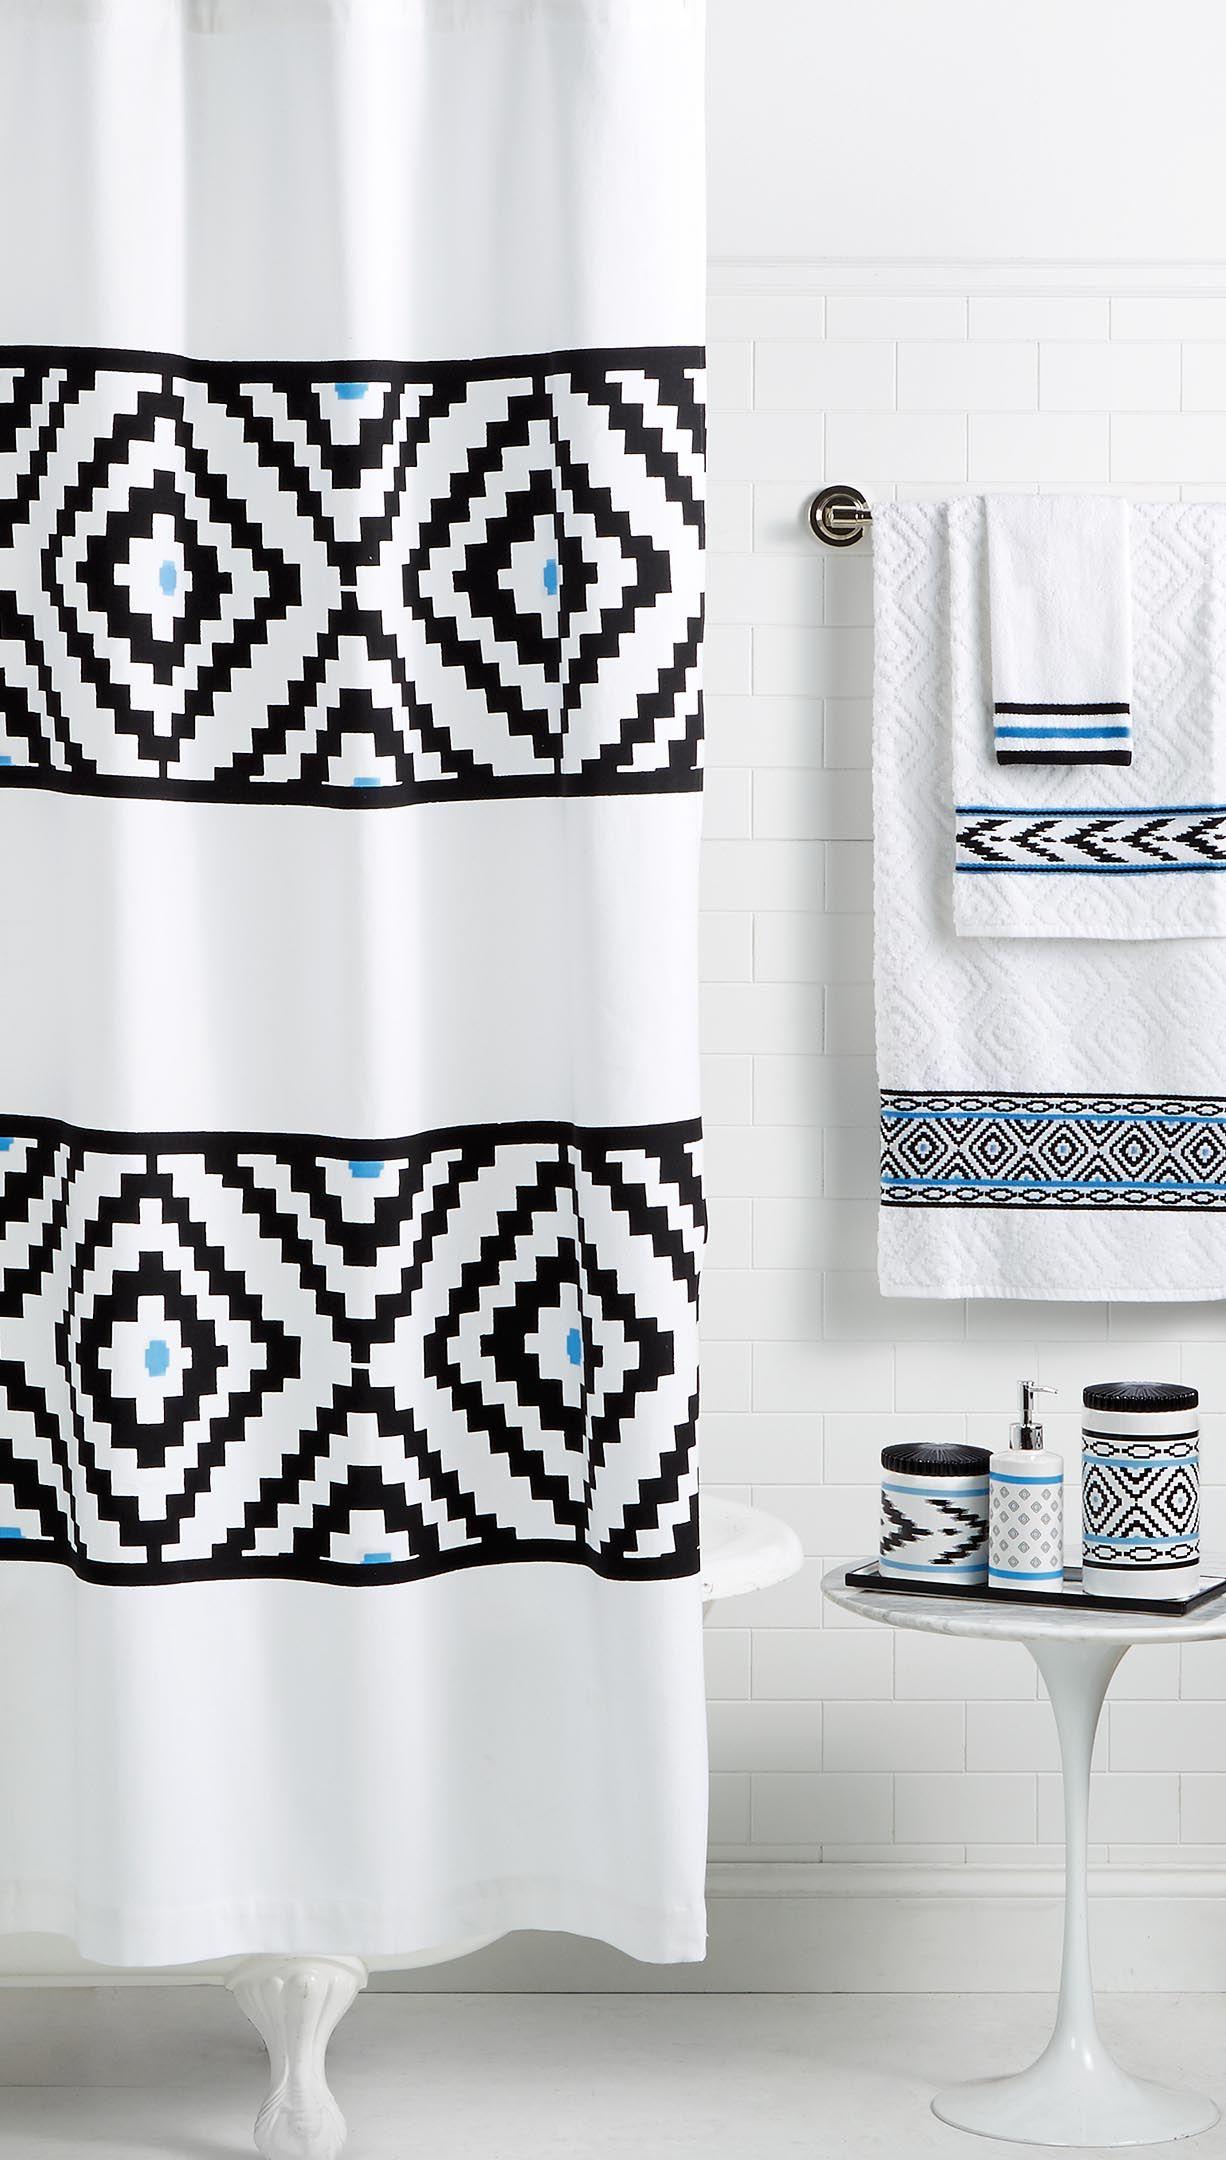 Shop Western Bathrooms New Kitchen Designs Interior Styling